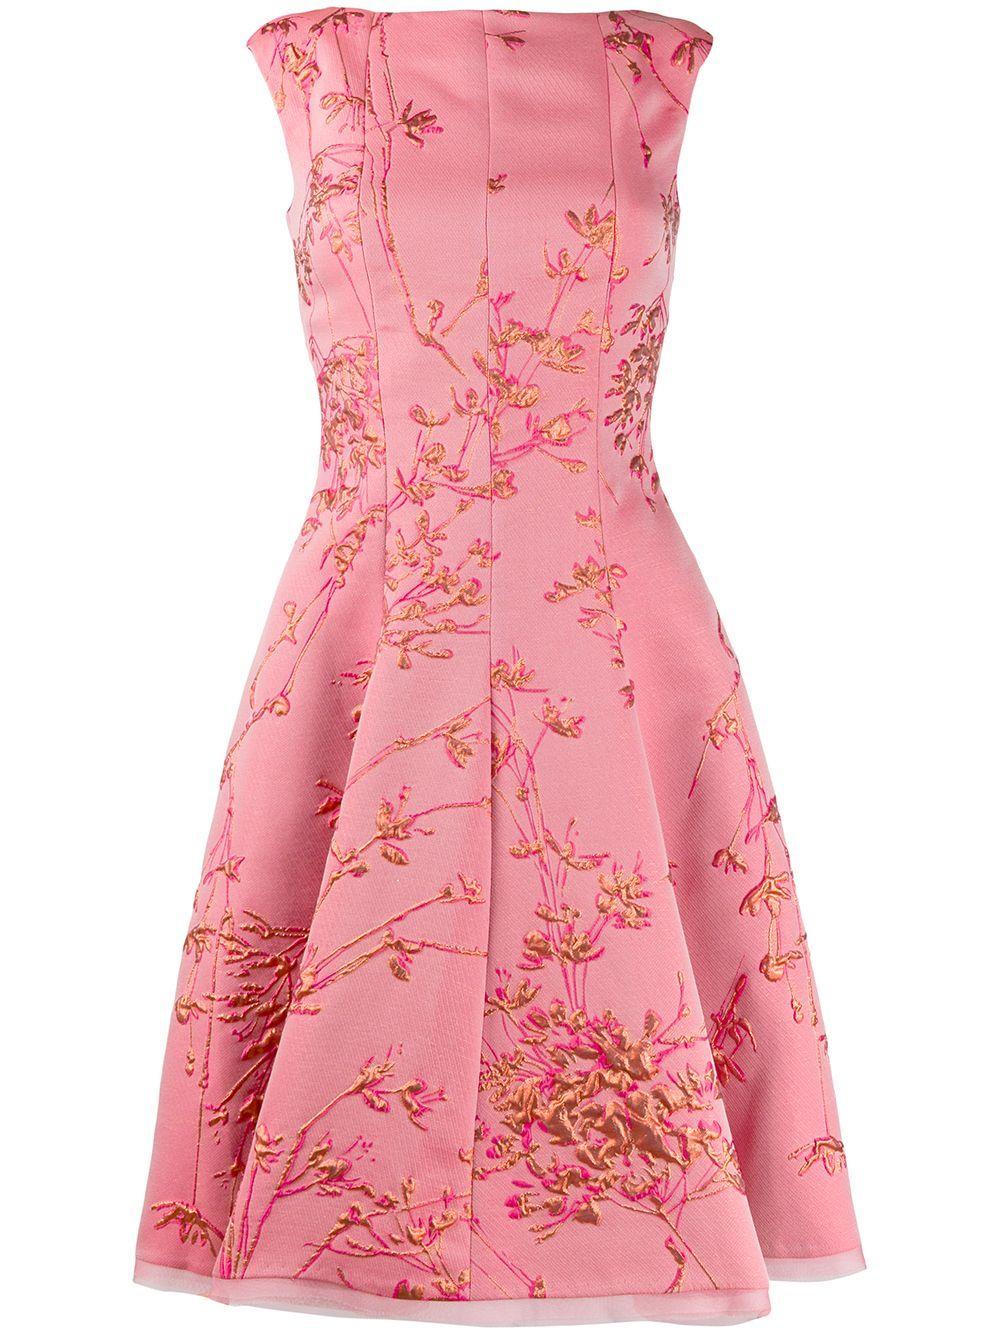 Talbot Runhof Korbut Dress - Farfetch in 15  Dresses, Talbots